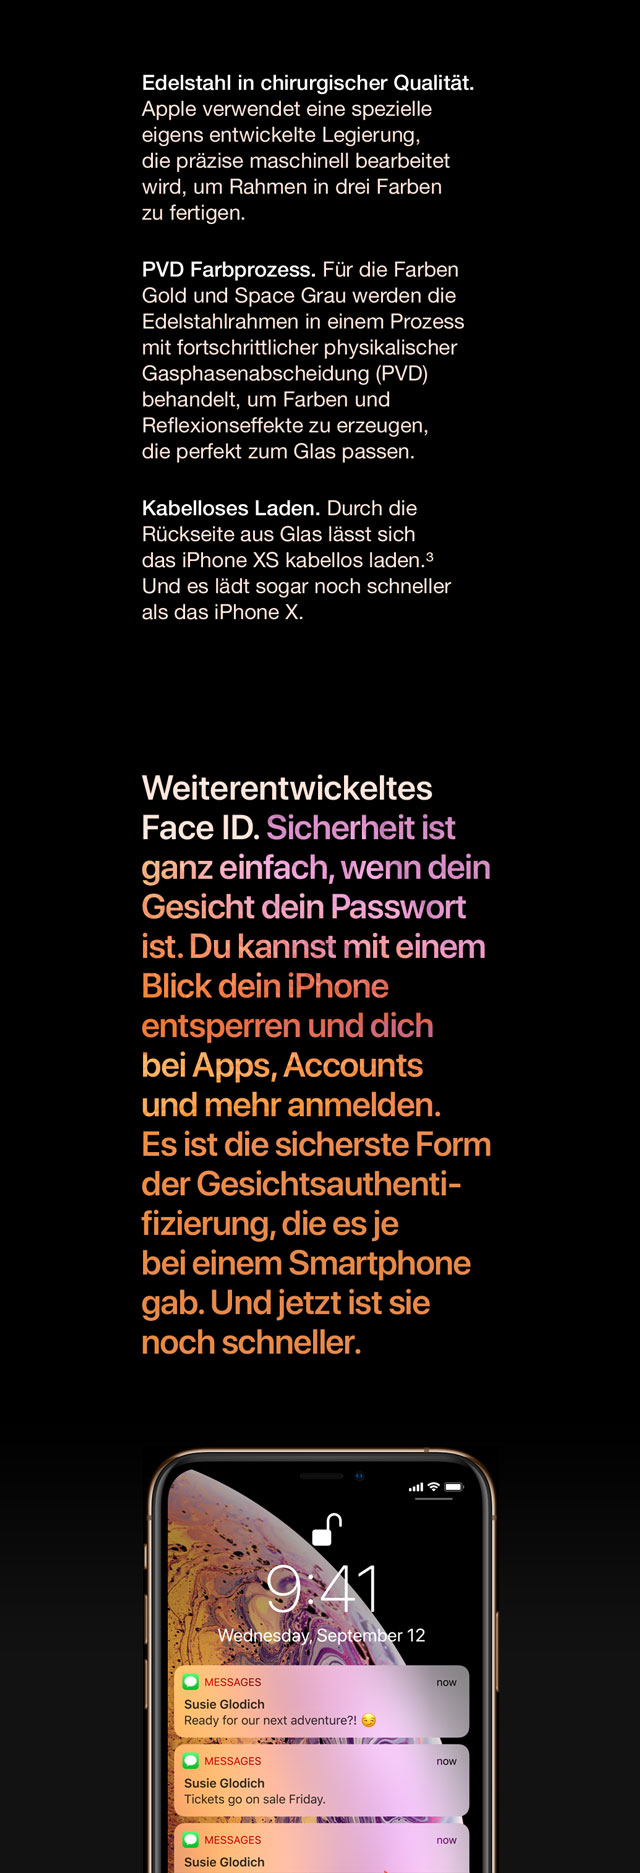 Face ID. Sicherheit ist ganz einfach, wenn dein Gesicht dein Passwort ist.